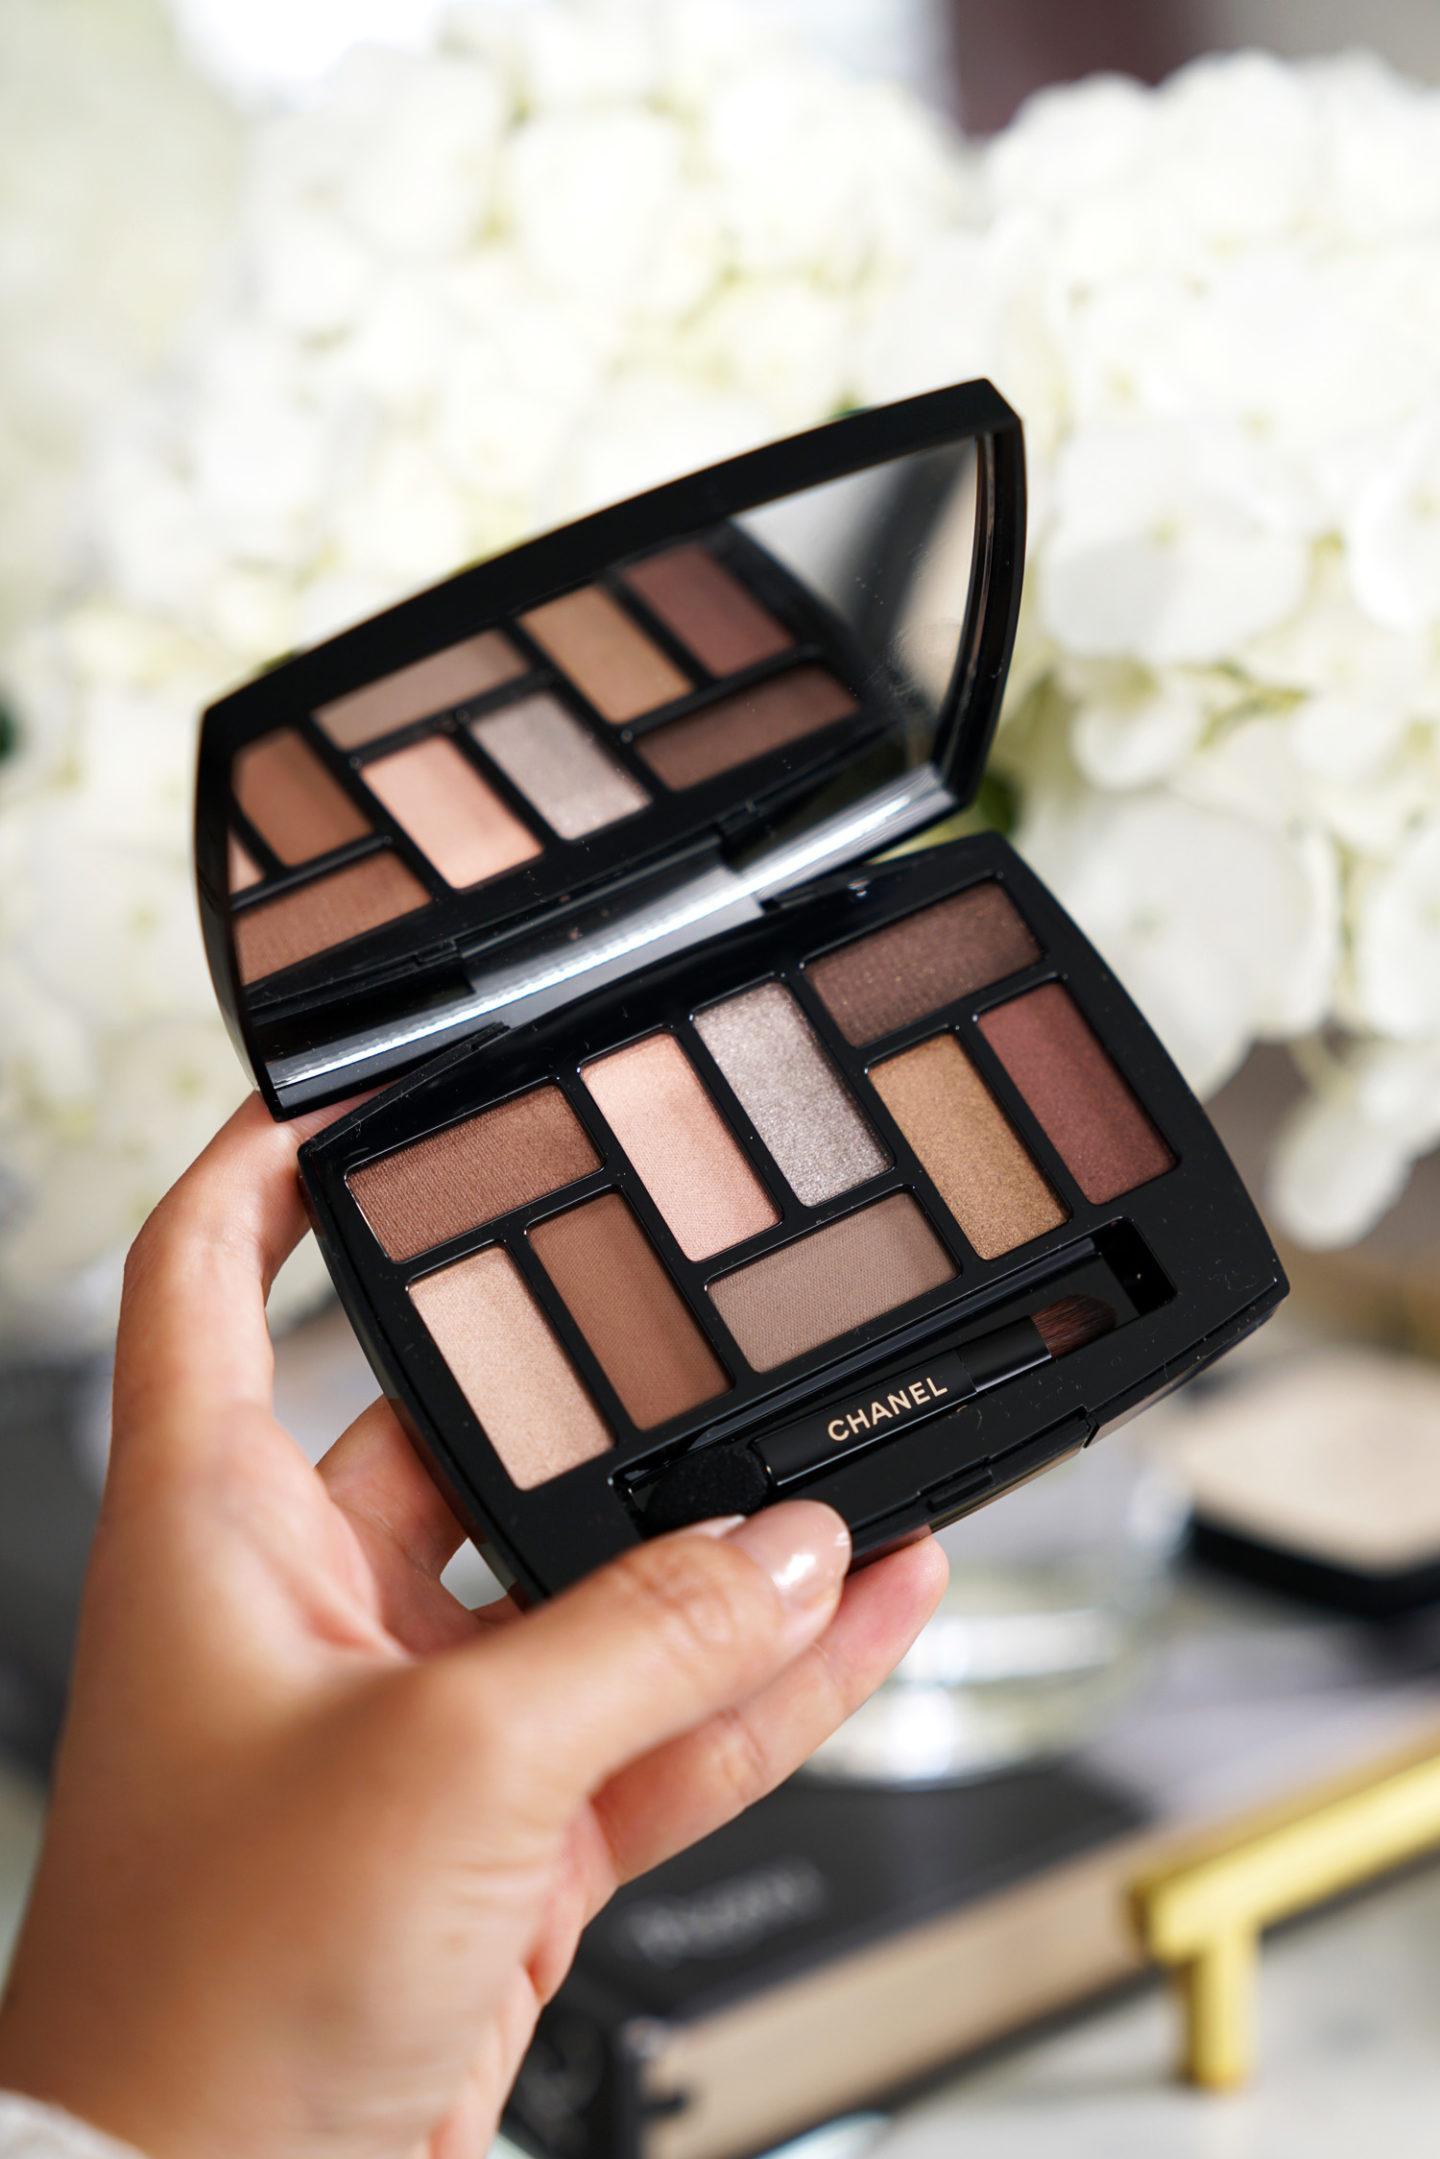 Chanel Les Beiges Palettes Fard À Paupières Les Indispensables | Le look book beauté